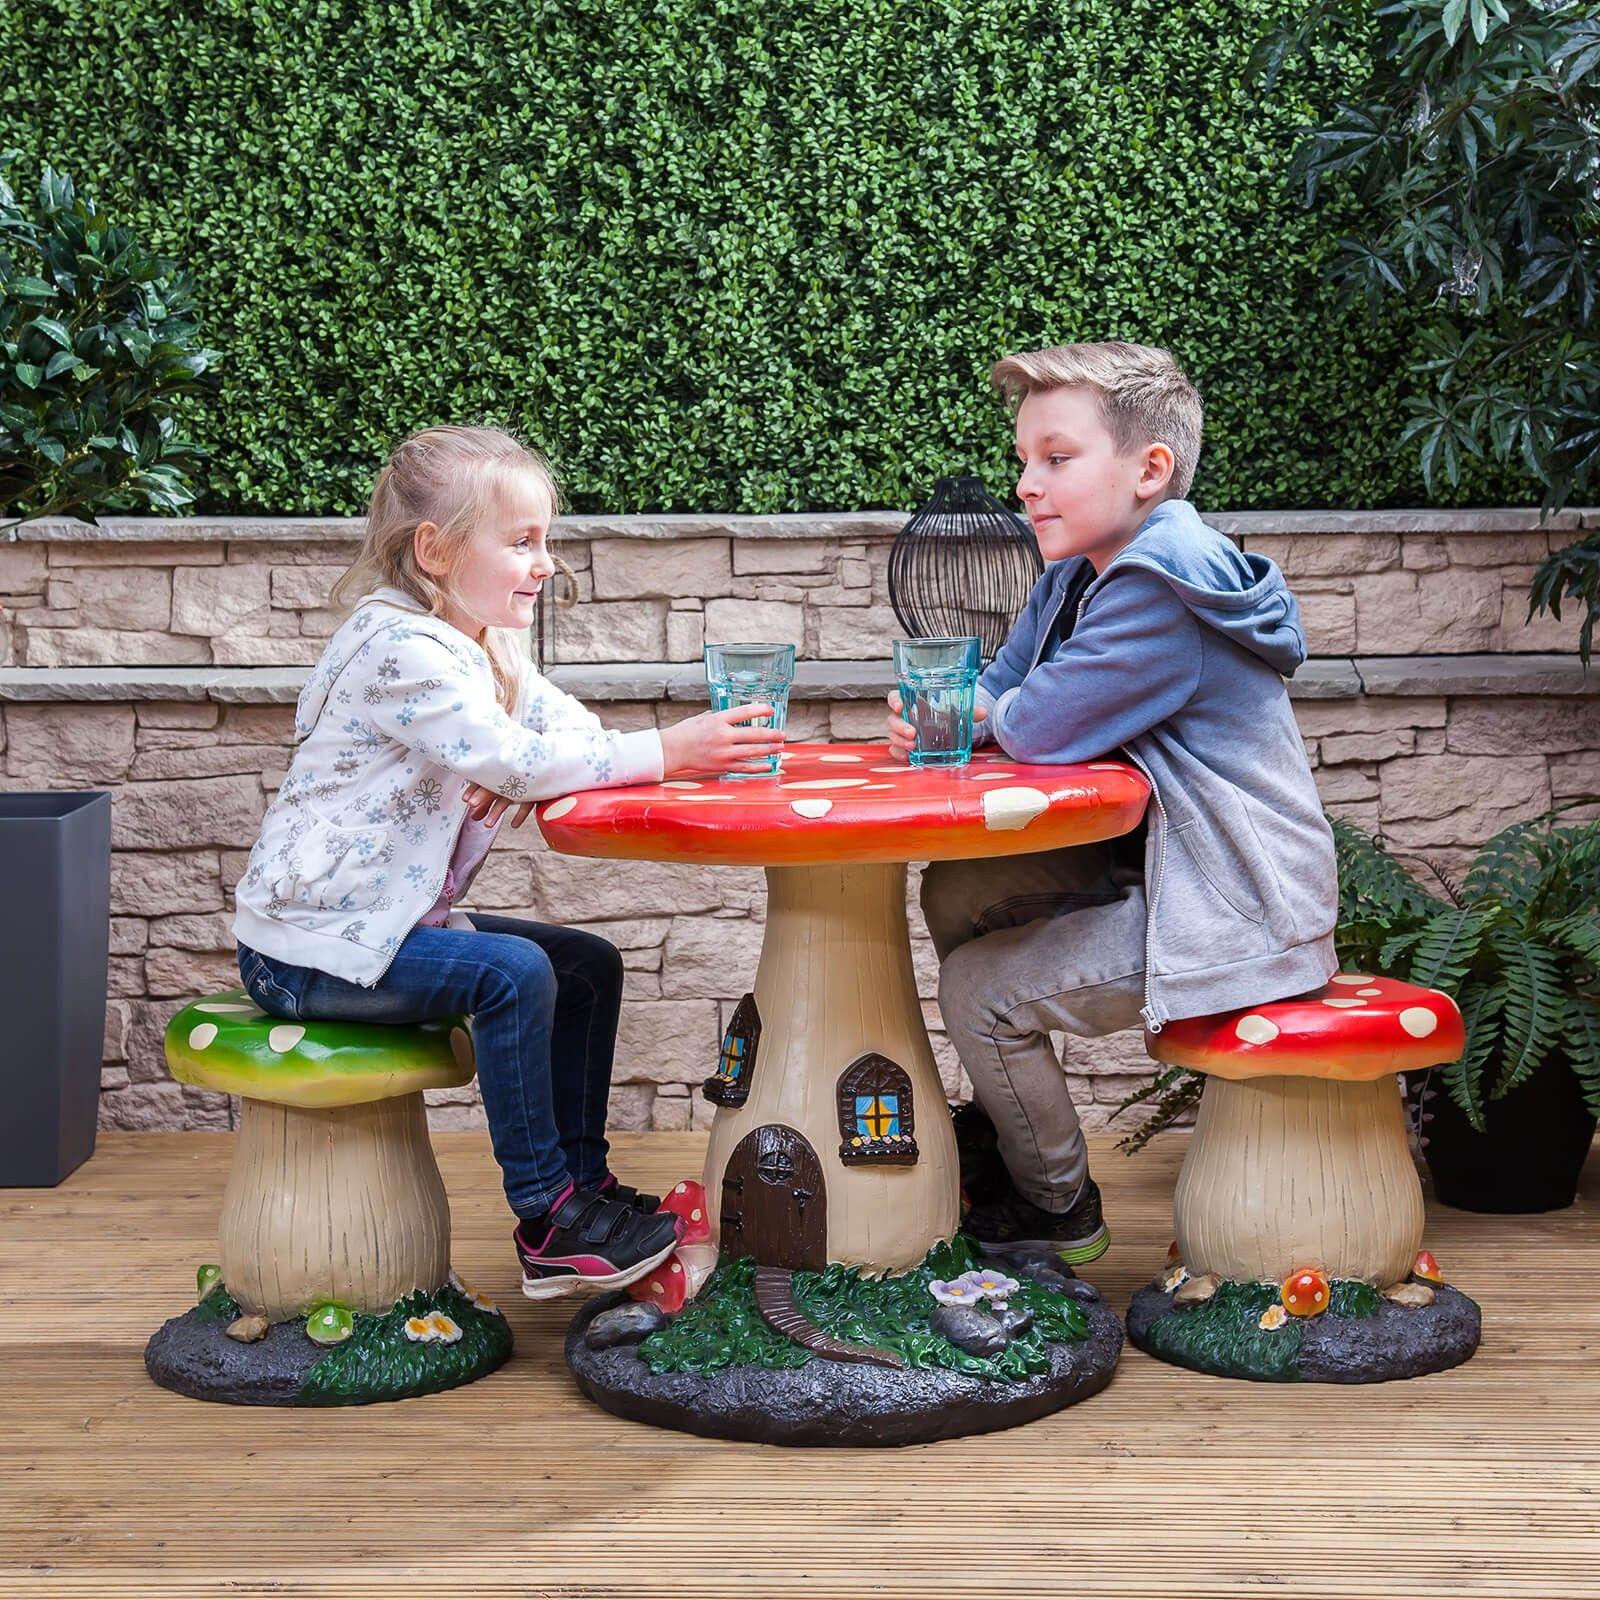 Kids Mushroom Garden Furniture Set - Kids  sc 1 st  Pinterest & Kids Mushroom Garden Furniture Set | Garden furniture sets ...